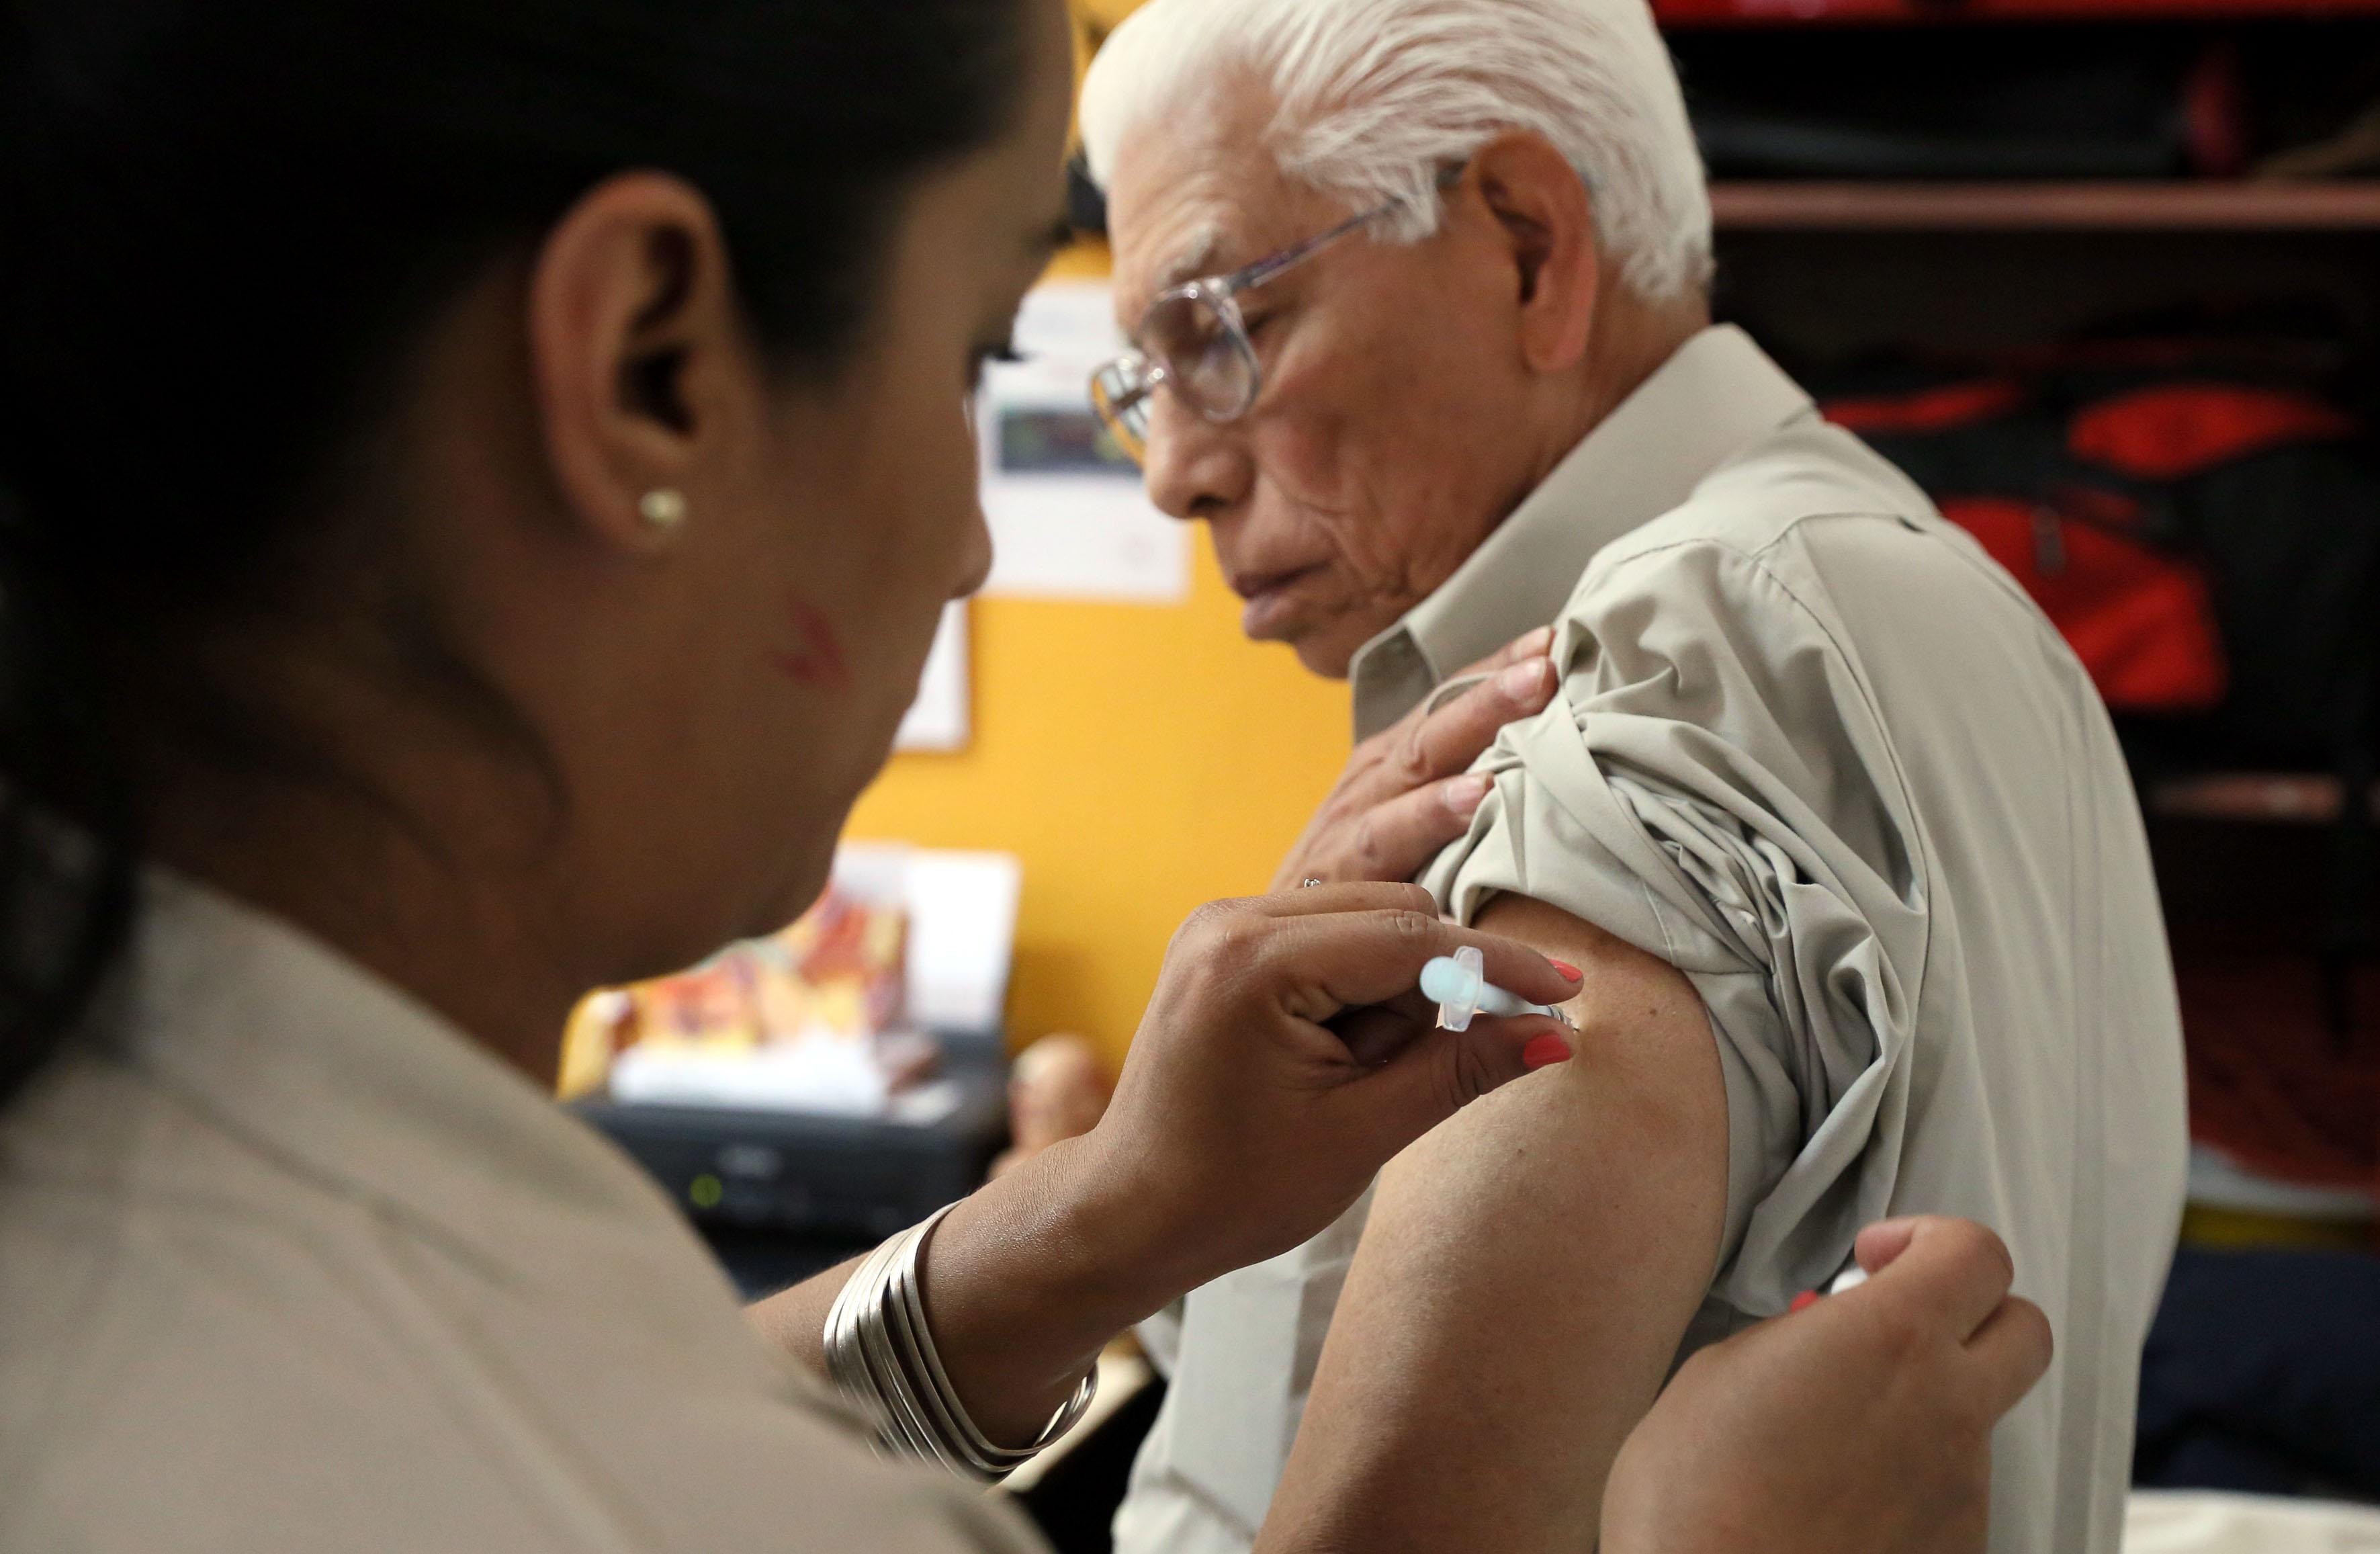 Hombre de la tercera edad, aplicándose la vacuna para prevenir la influenza.